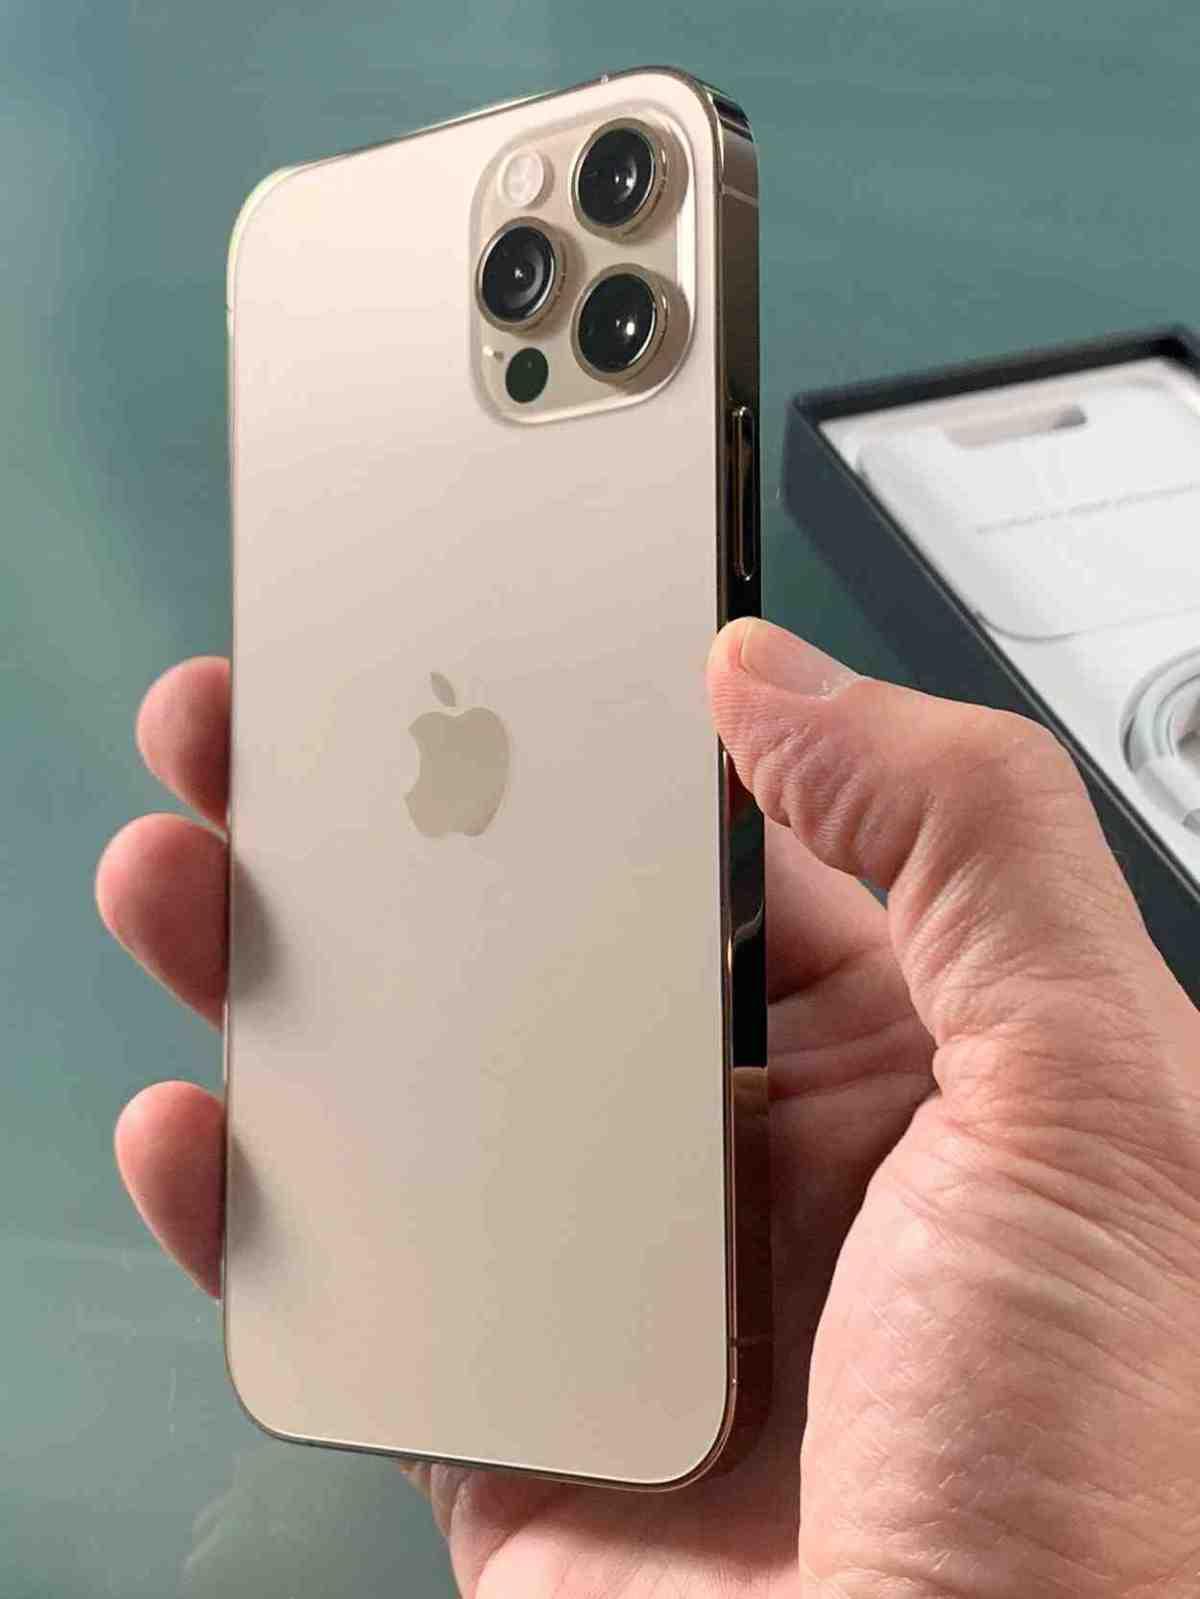 Qui y A-t-il dans la boite de l'iPhone 11 ?